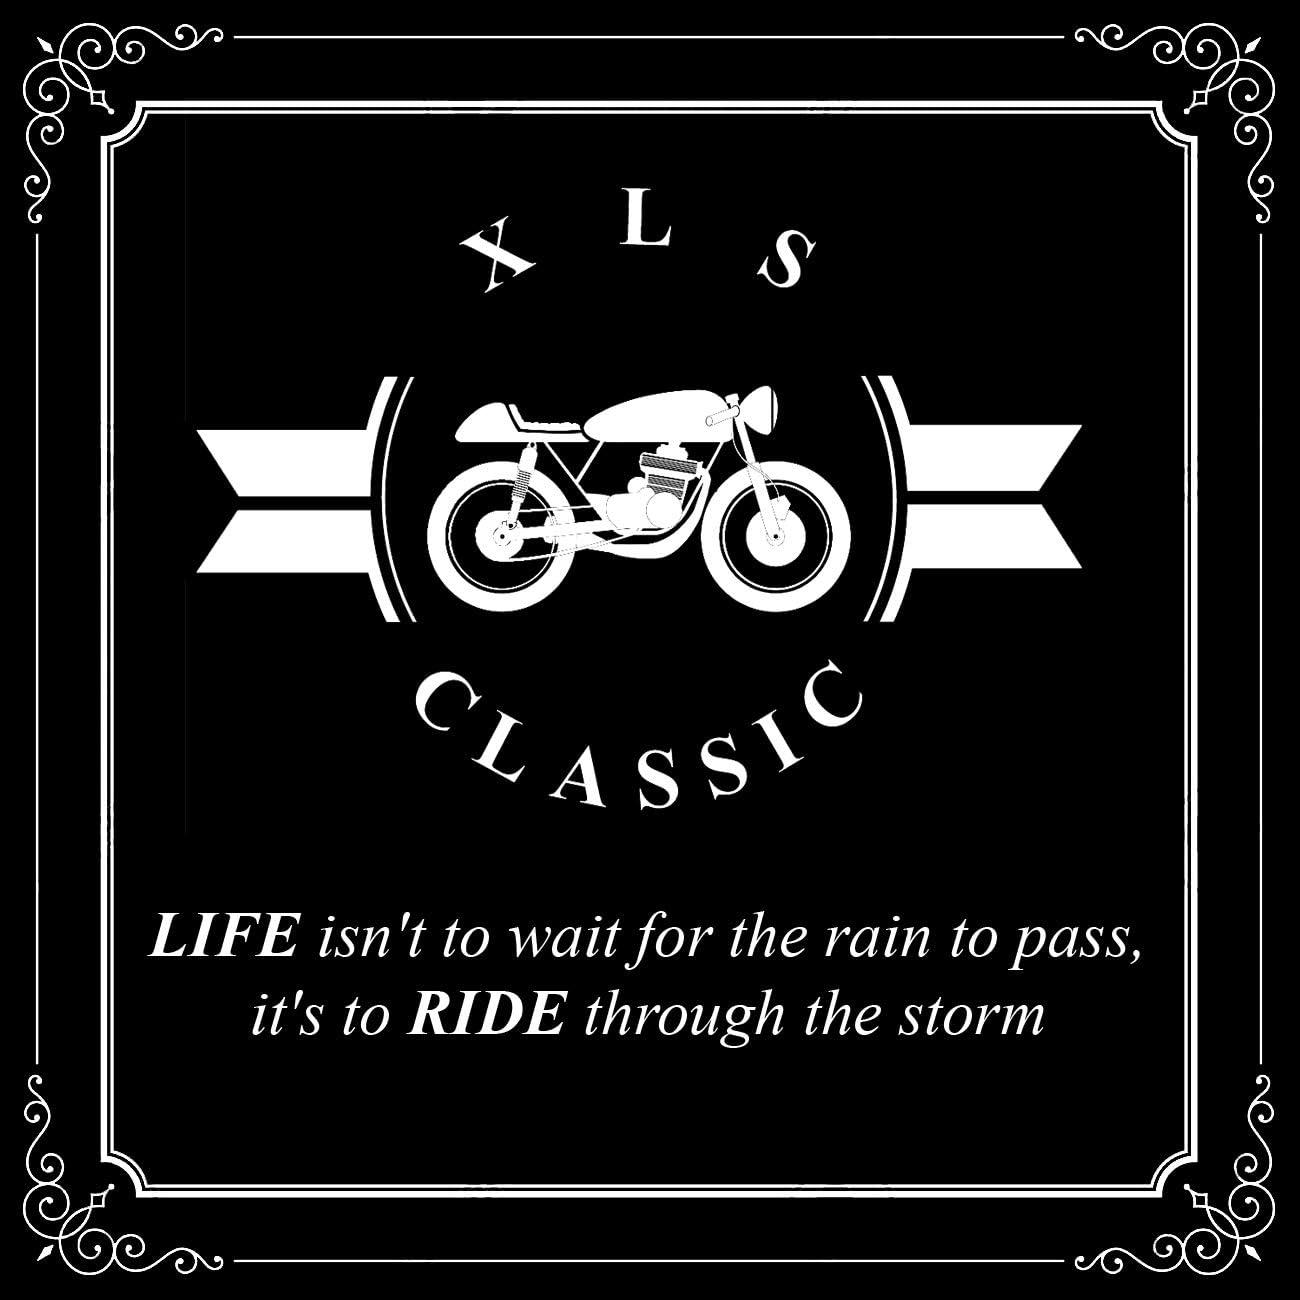 Xls Motorradjacke Classic Urban Für Herren Schwarz Aus Leder Retro Bikerjacke Herausnehmbares Thermofutter Größe 4xl Auto